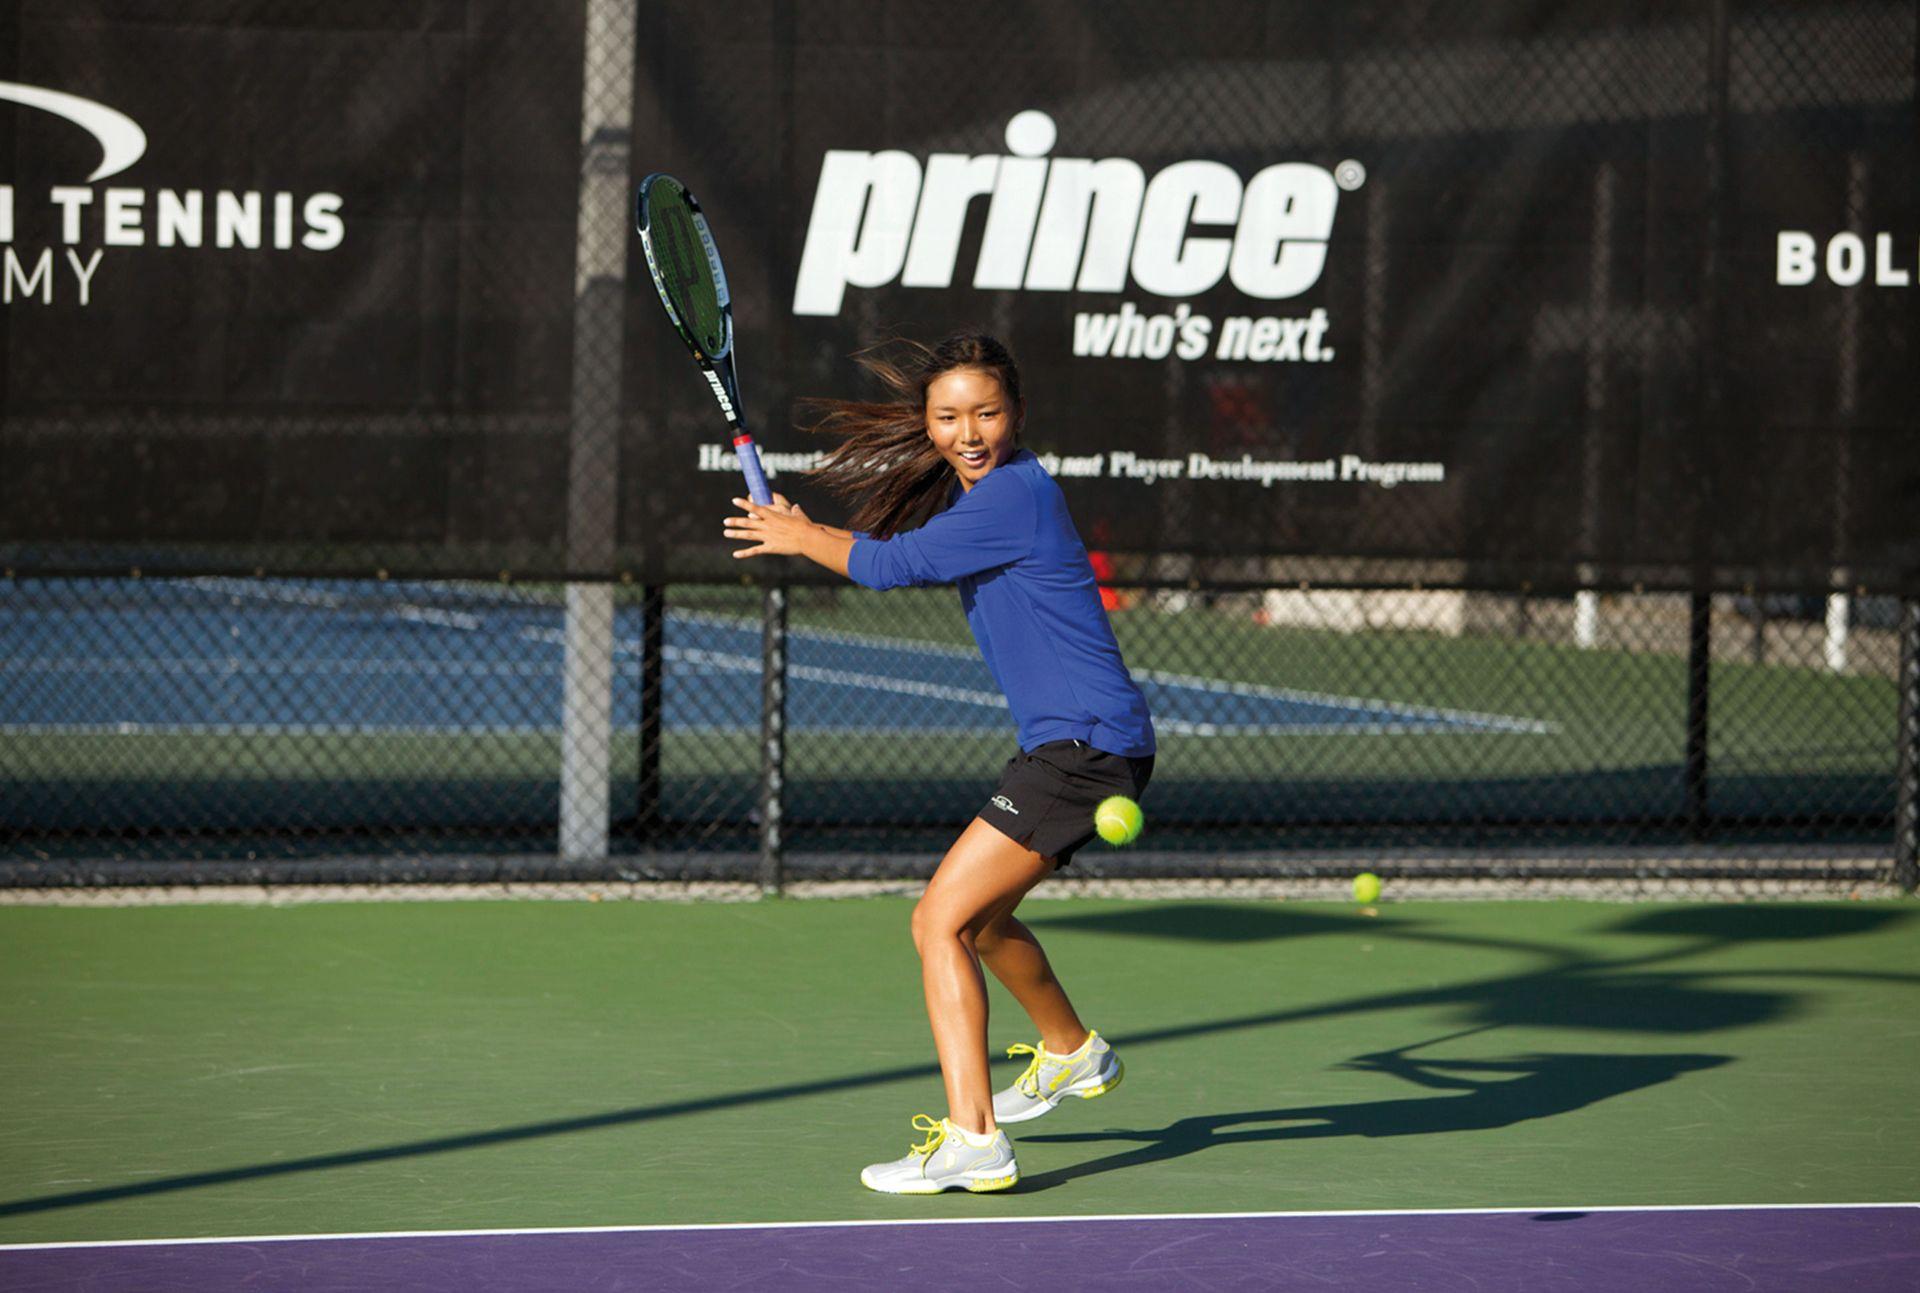 IMG Tennisakademie